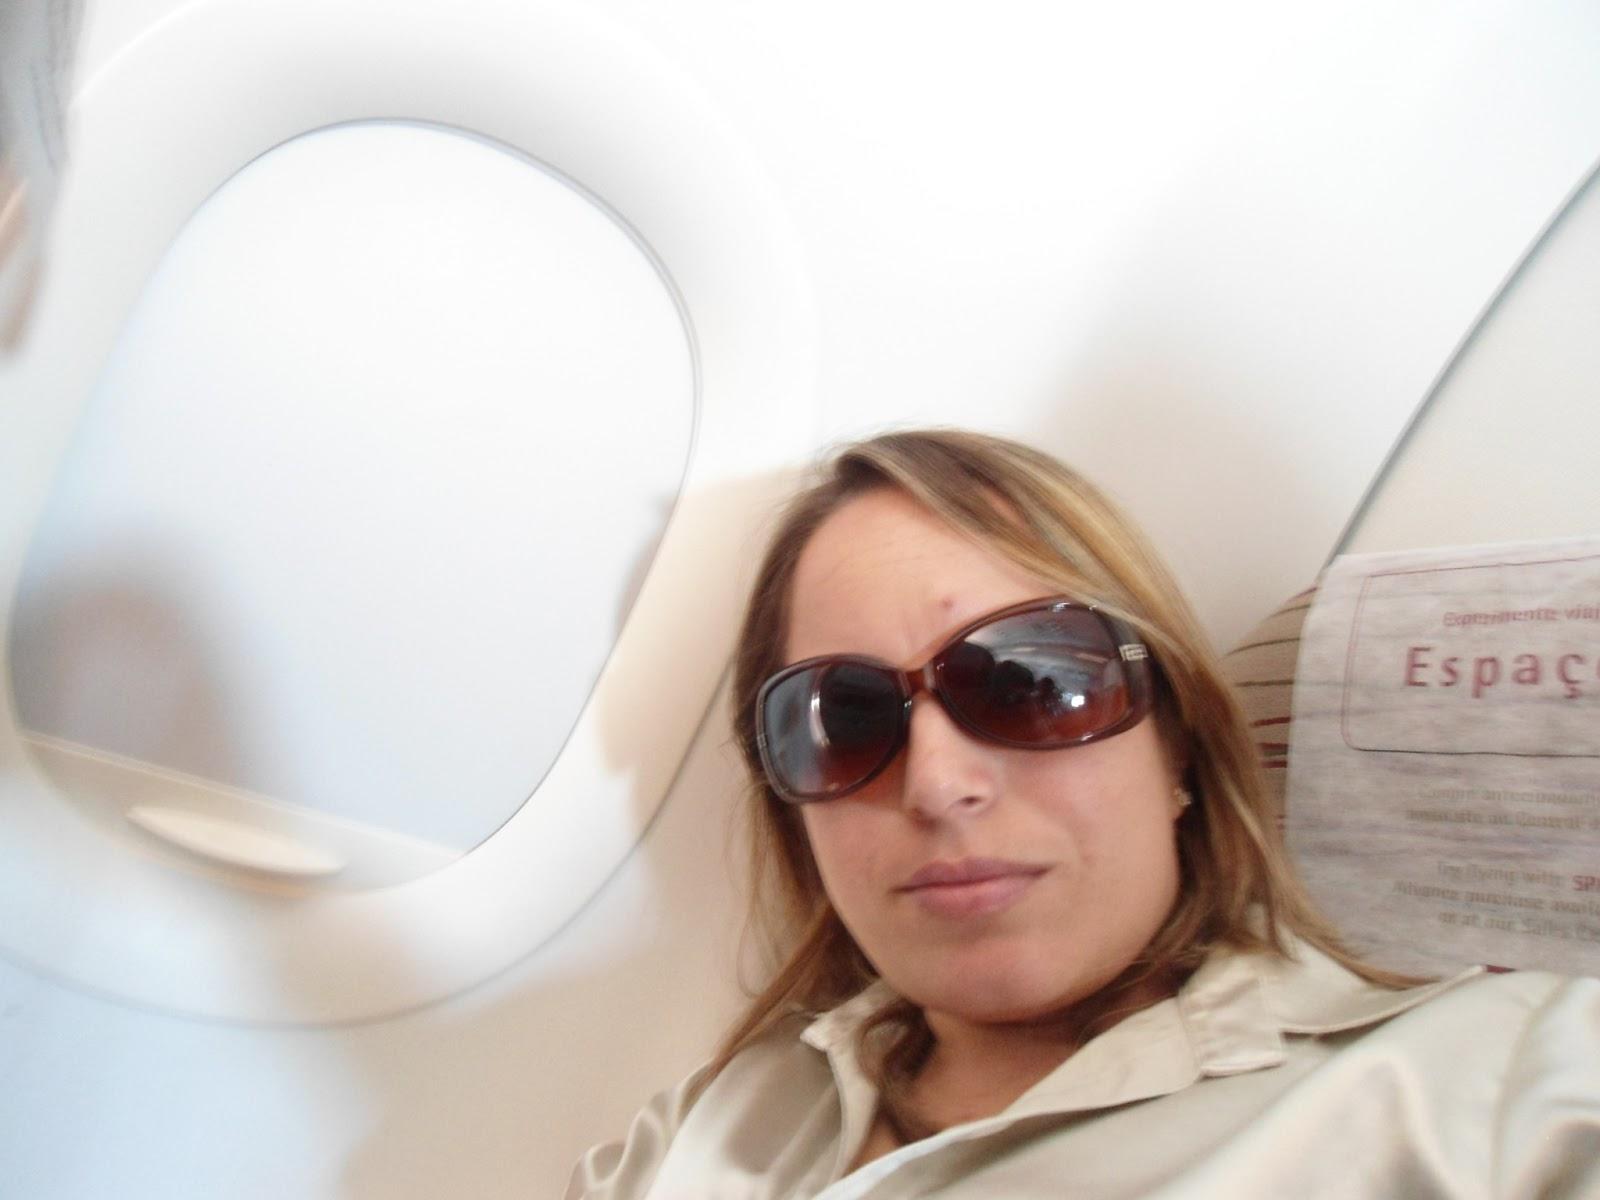 TAM começou a oferecer este serviço há pouco tempo entretanto  #3C201B 1600x1200 Banheiro Avião Tam